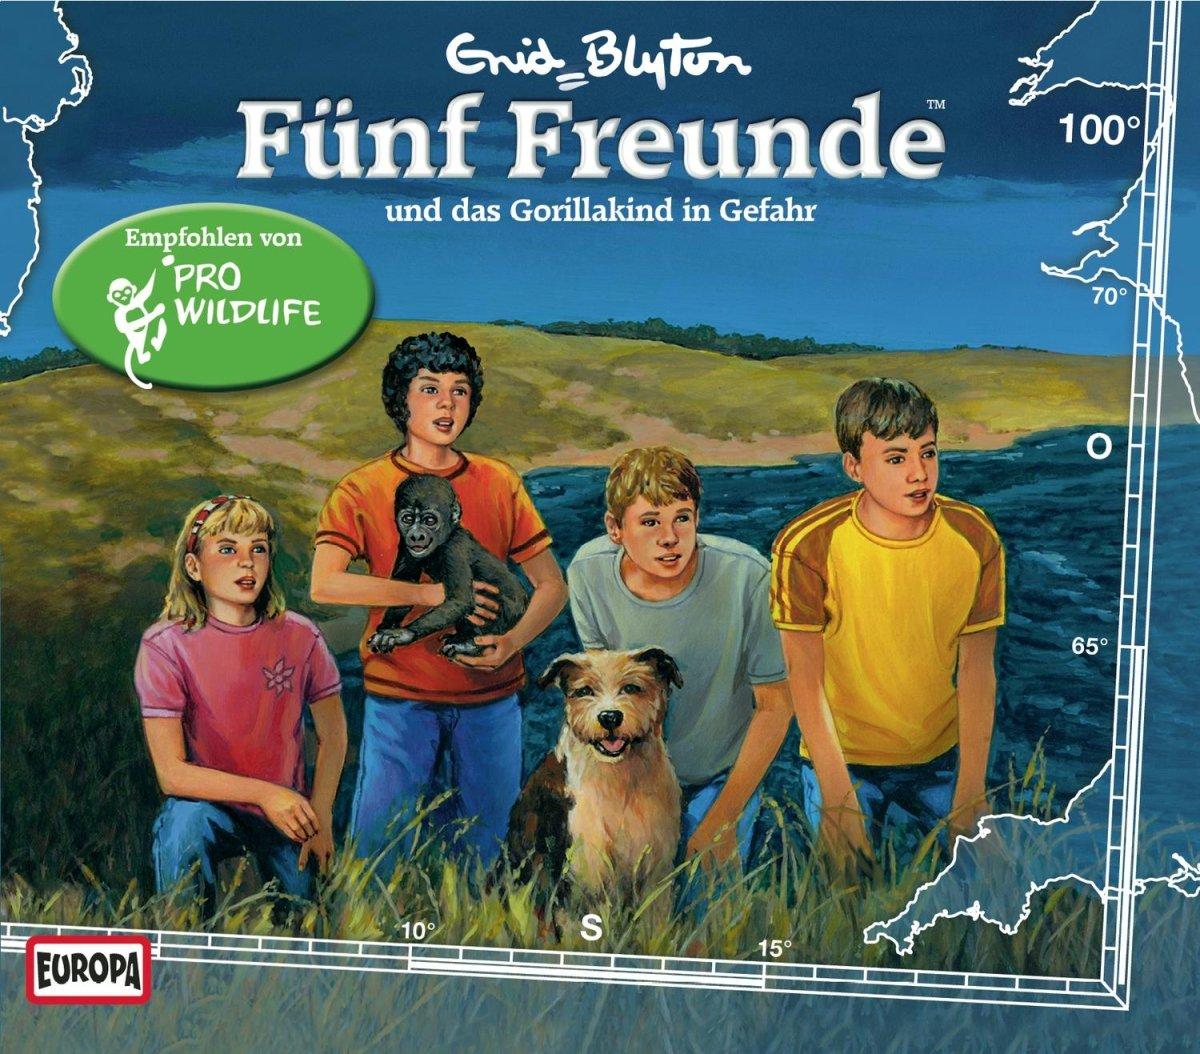 Fünf Freunde (100) und das Gorillakind in Gefahr (Europa)